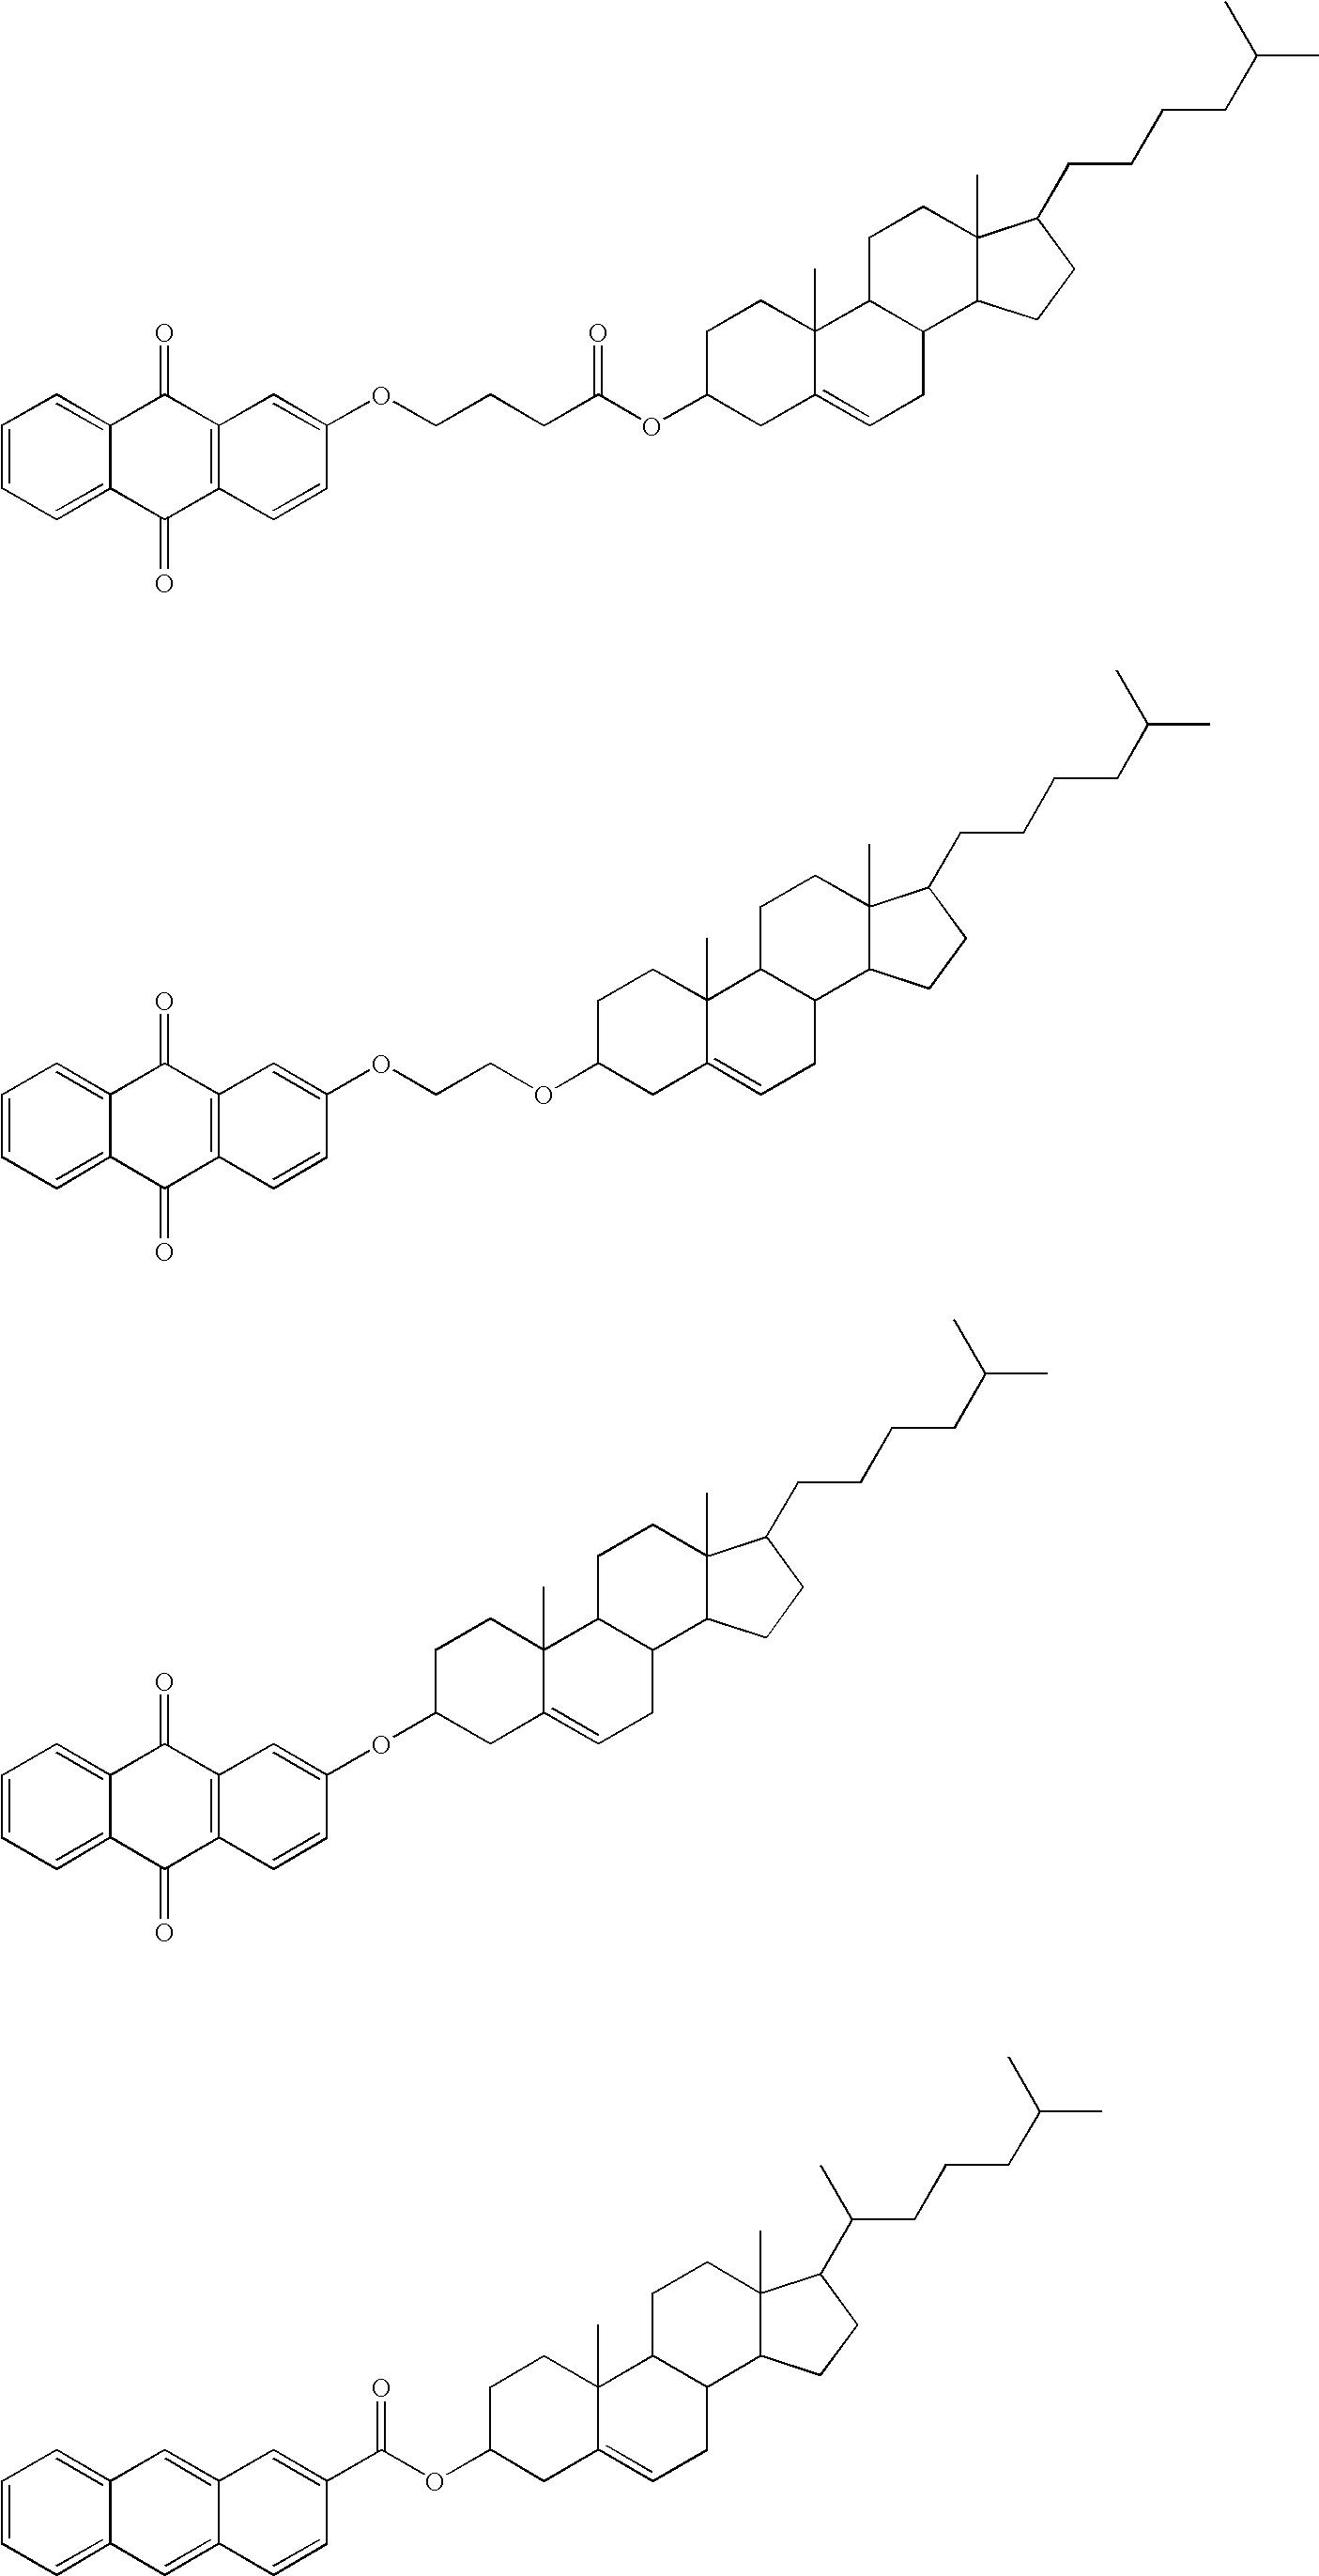 Figure US20040065227A1-20040408-C00019